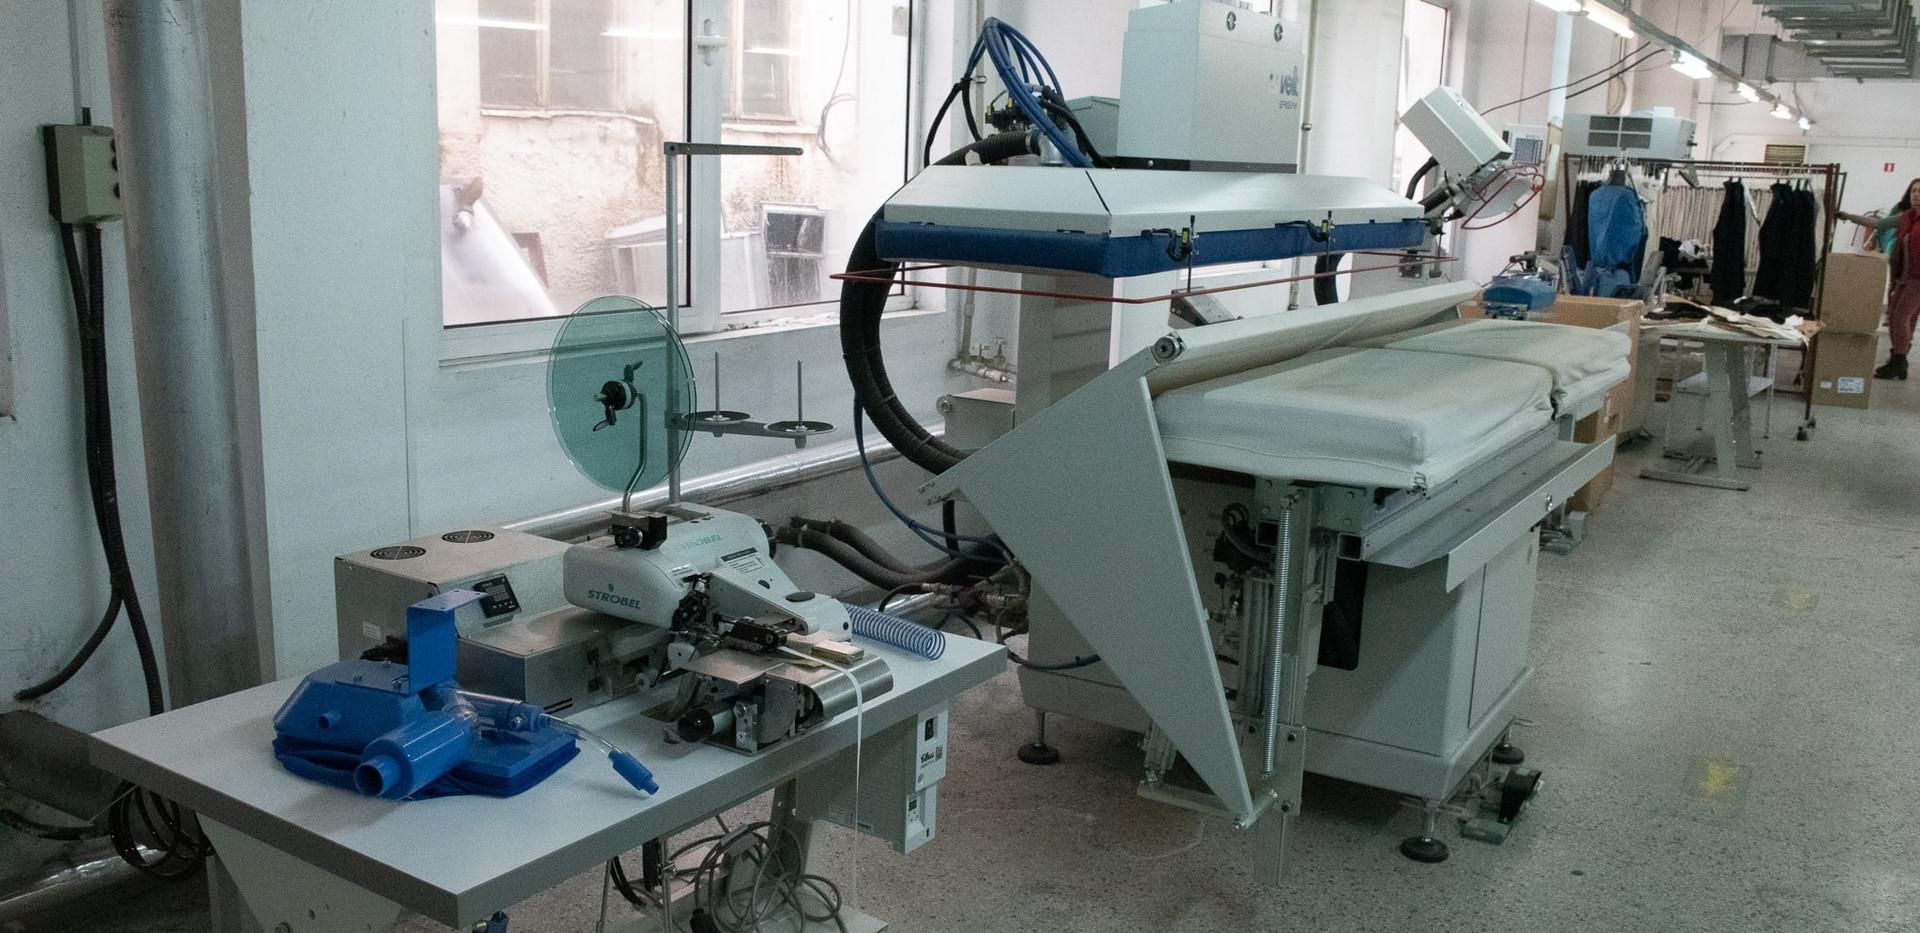 Veit and Stroebel machines